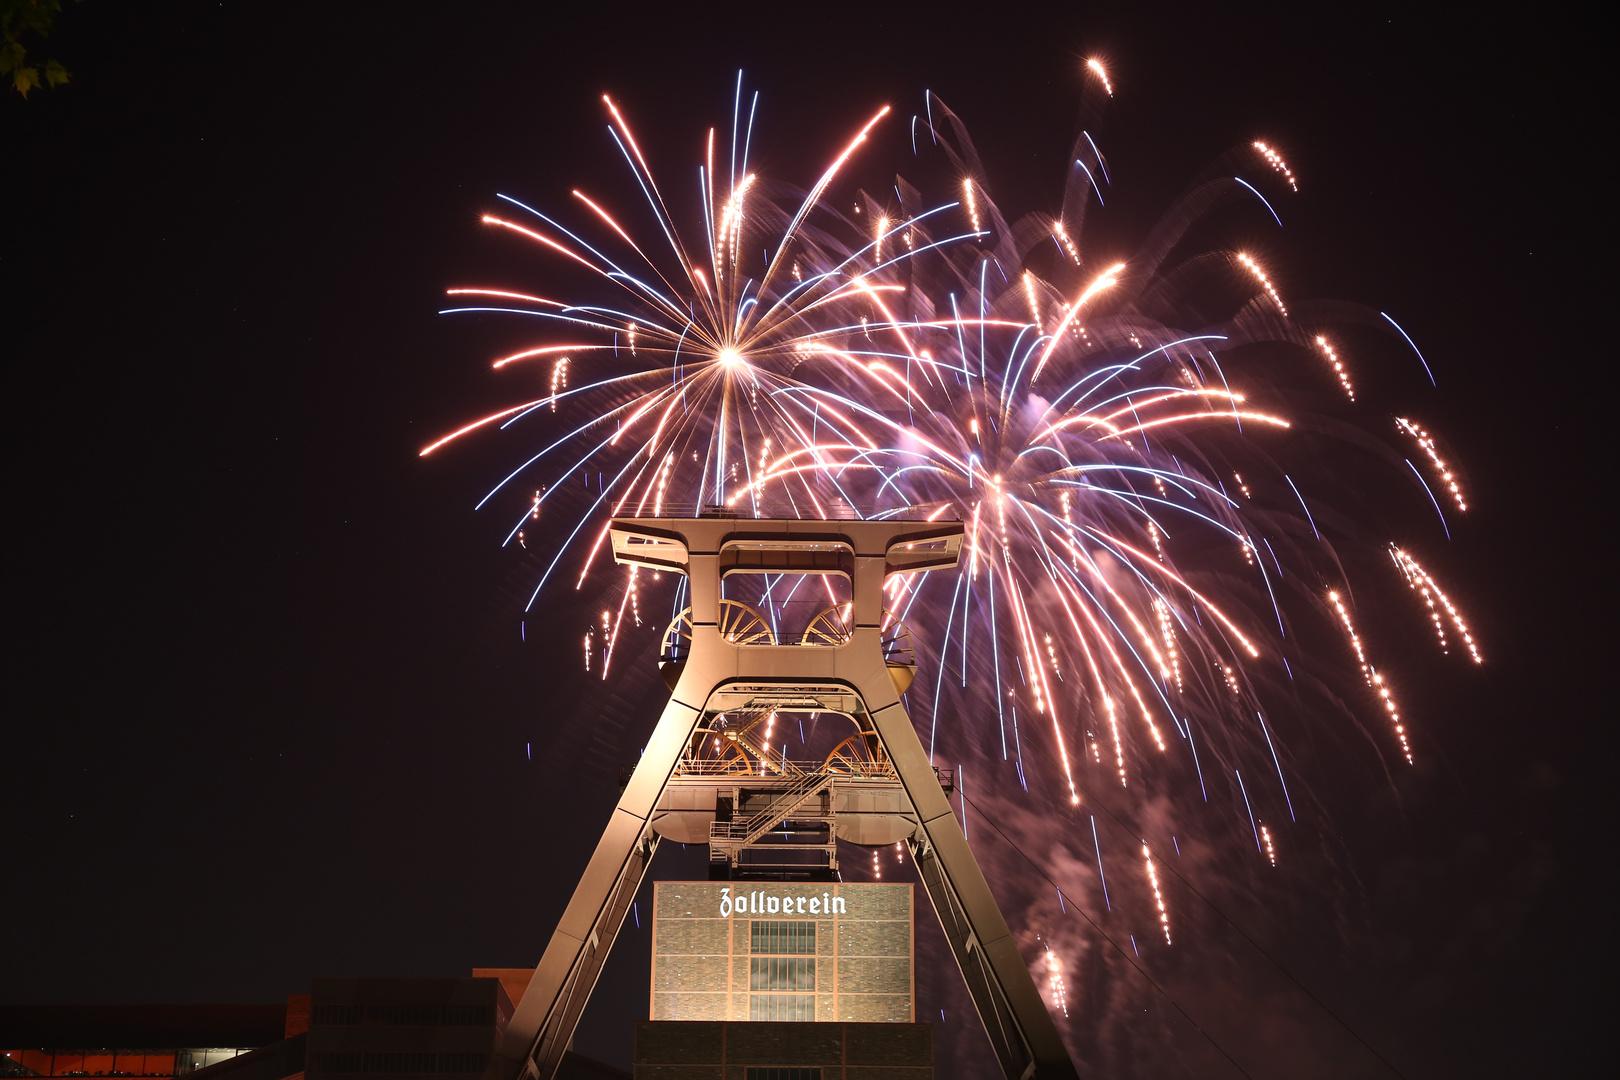 Wünsche allen einen guten Rutsch ins neue Jahr Foto & Bild ...